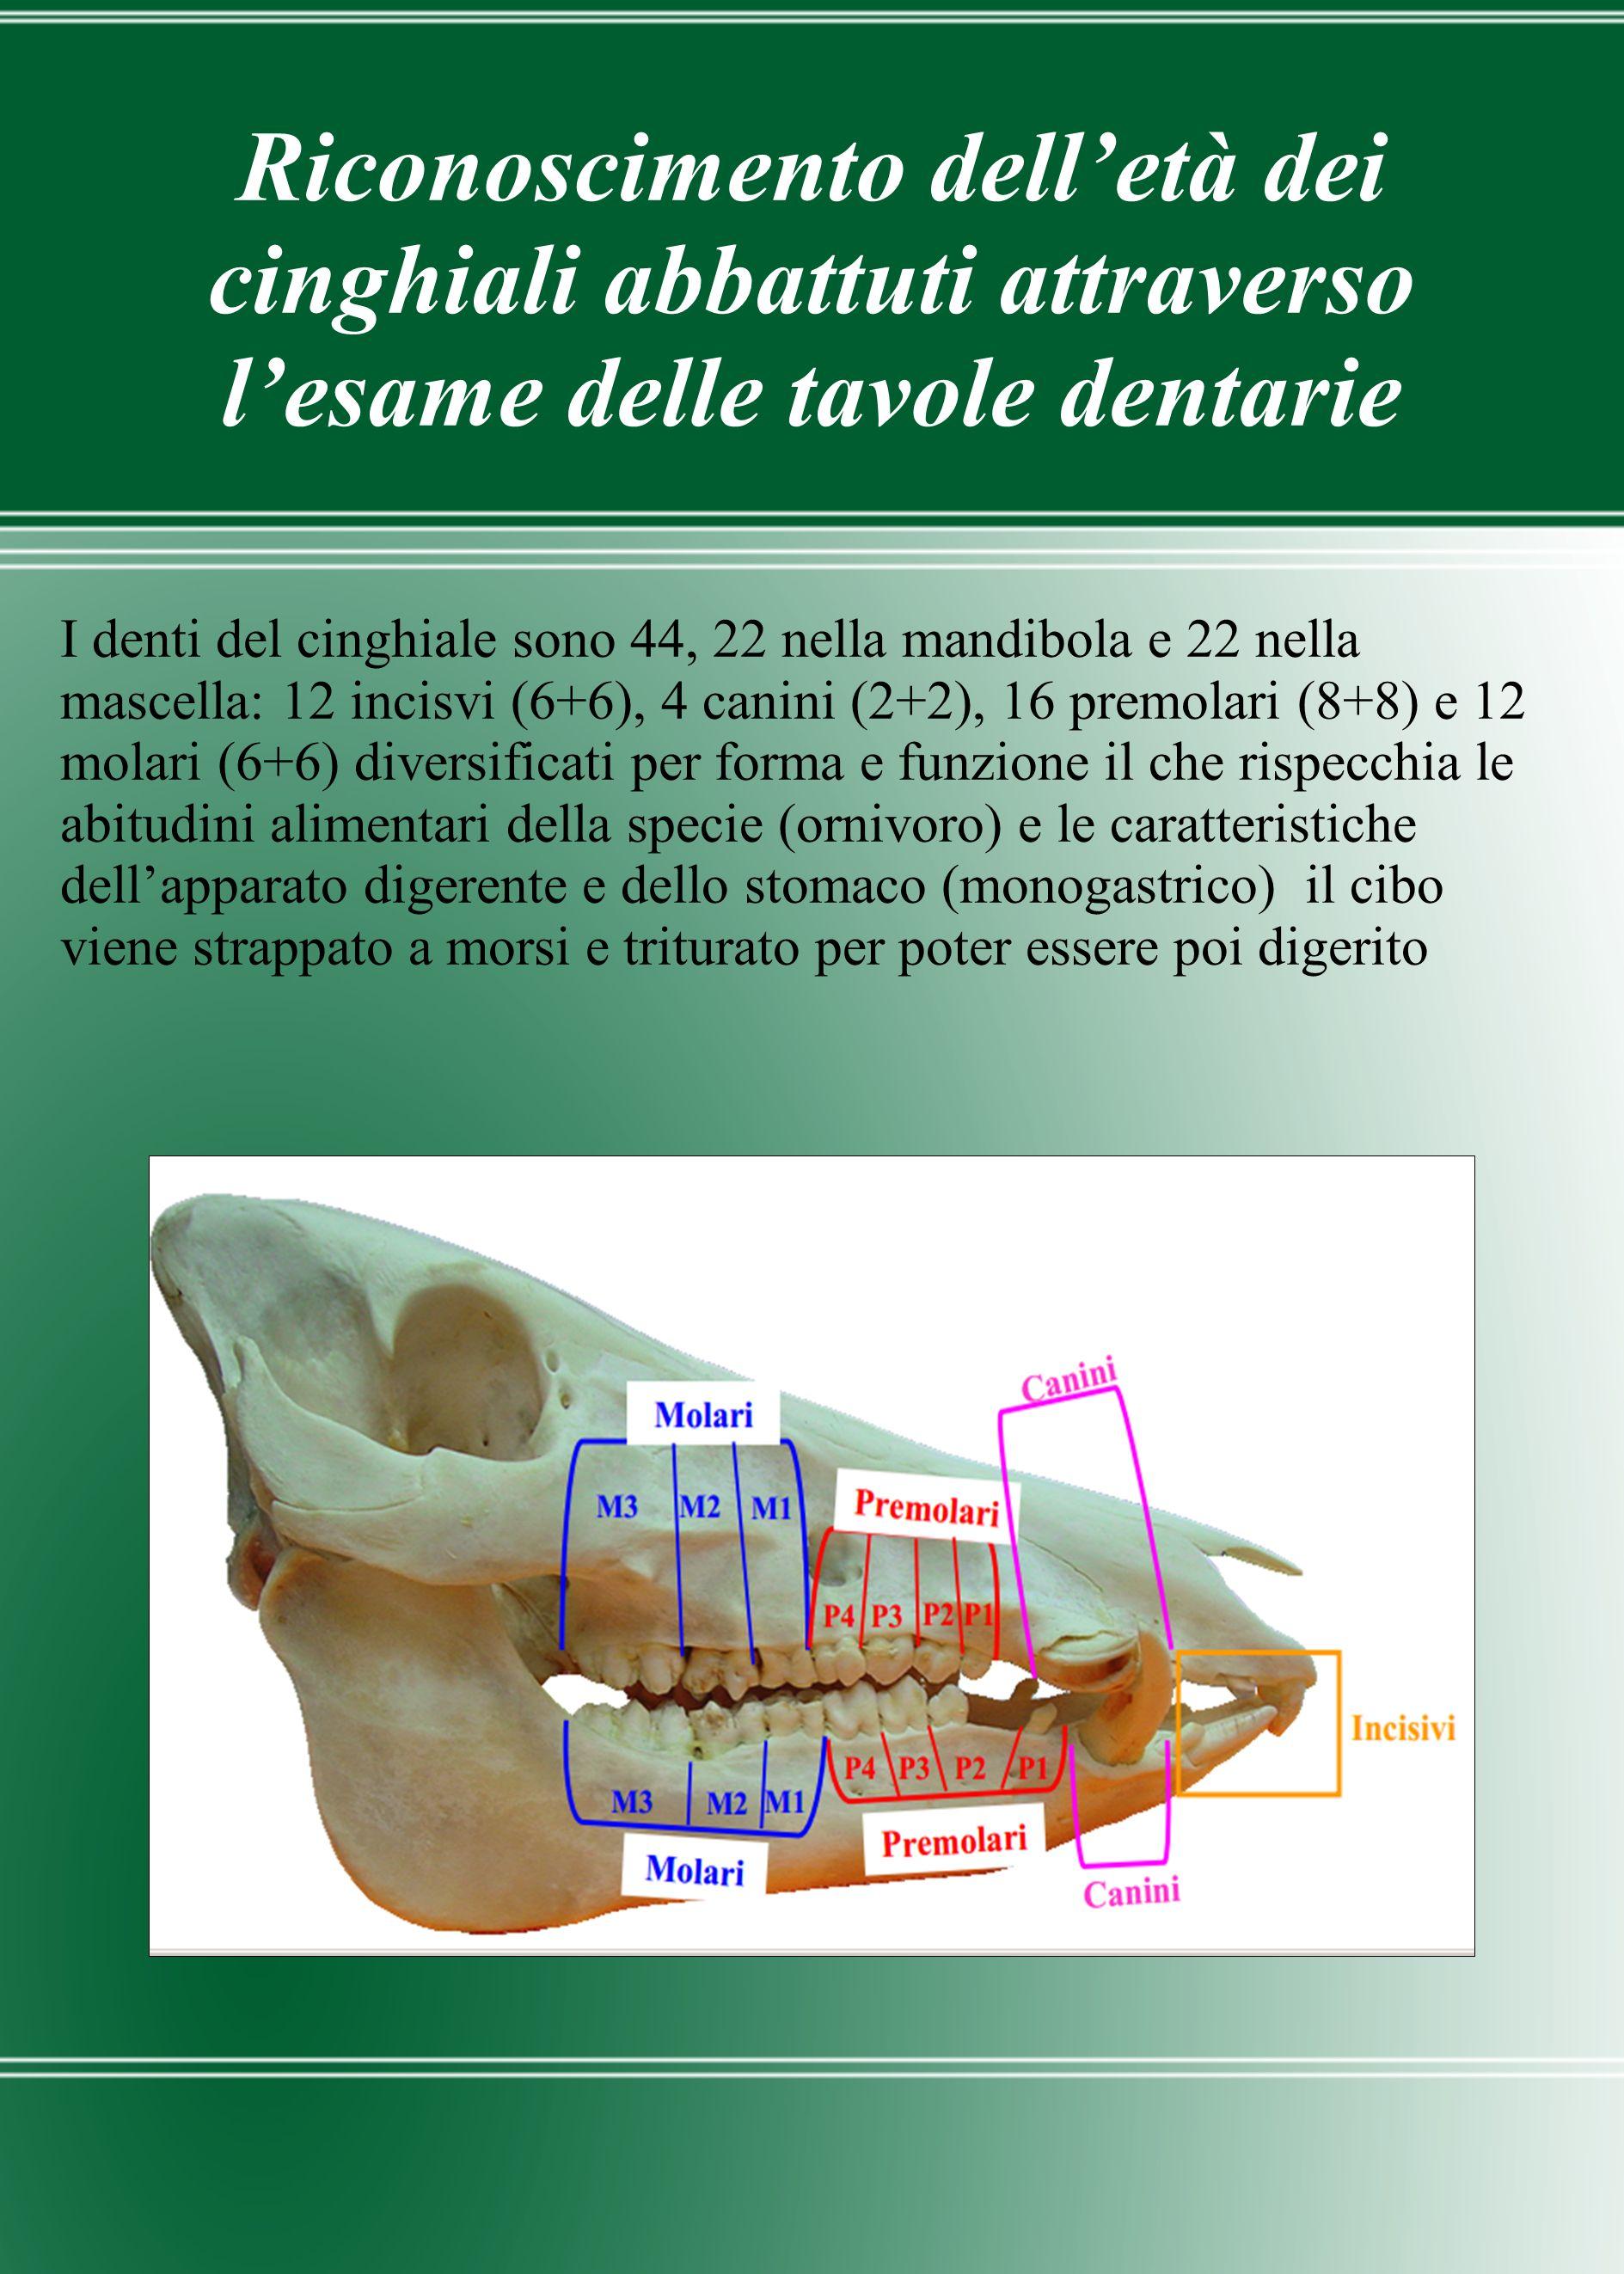 Riconoscimento dell'età dei cinghiali abbattuti attraverso l'esame delle tavole dentarie